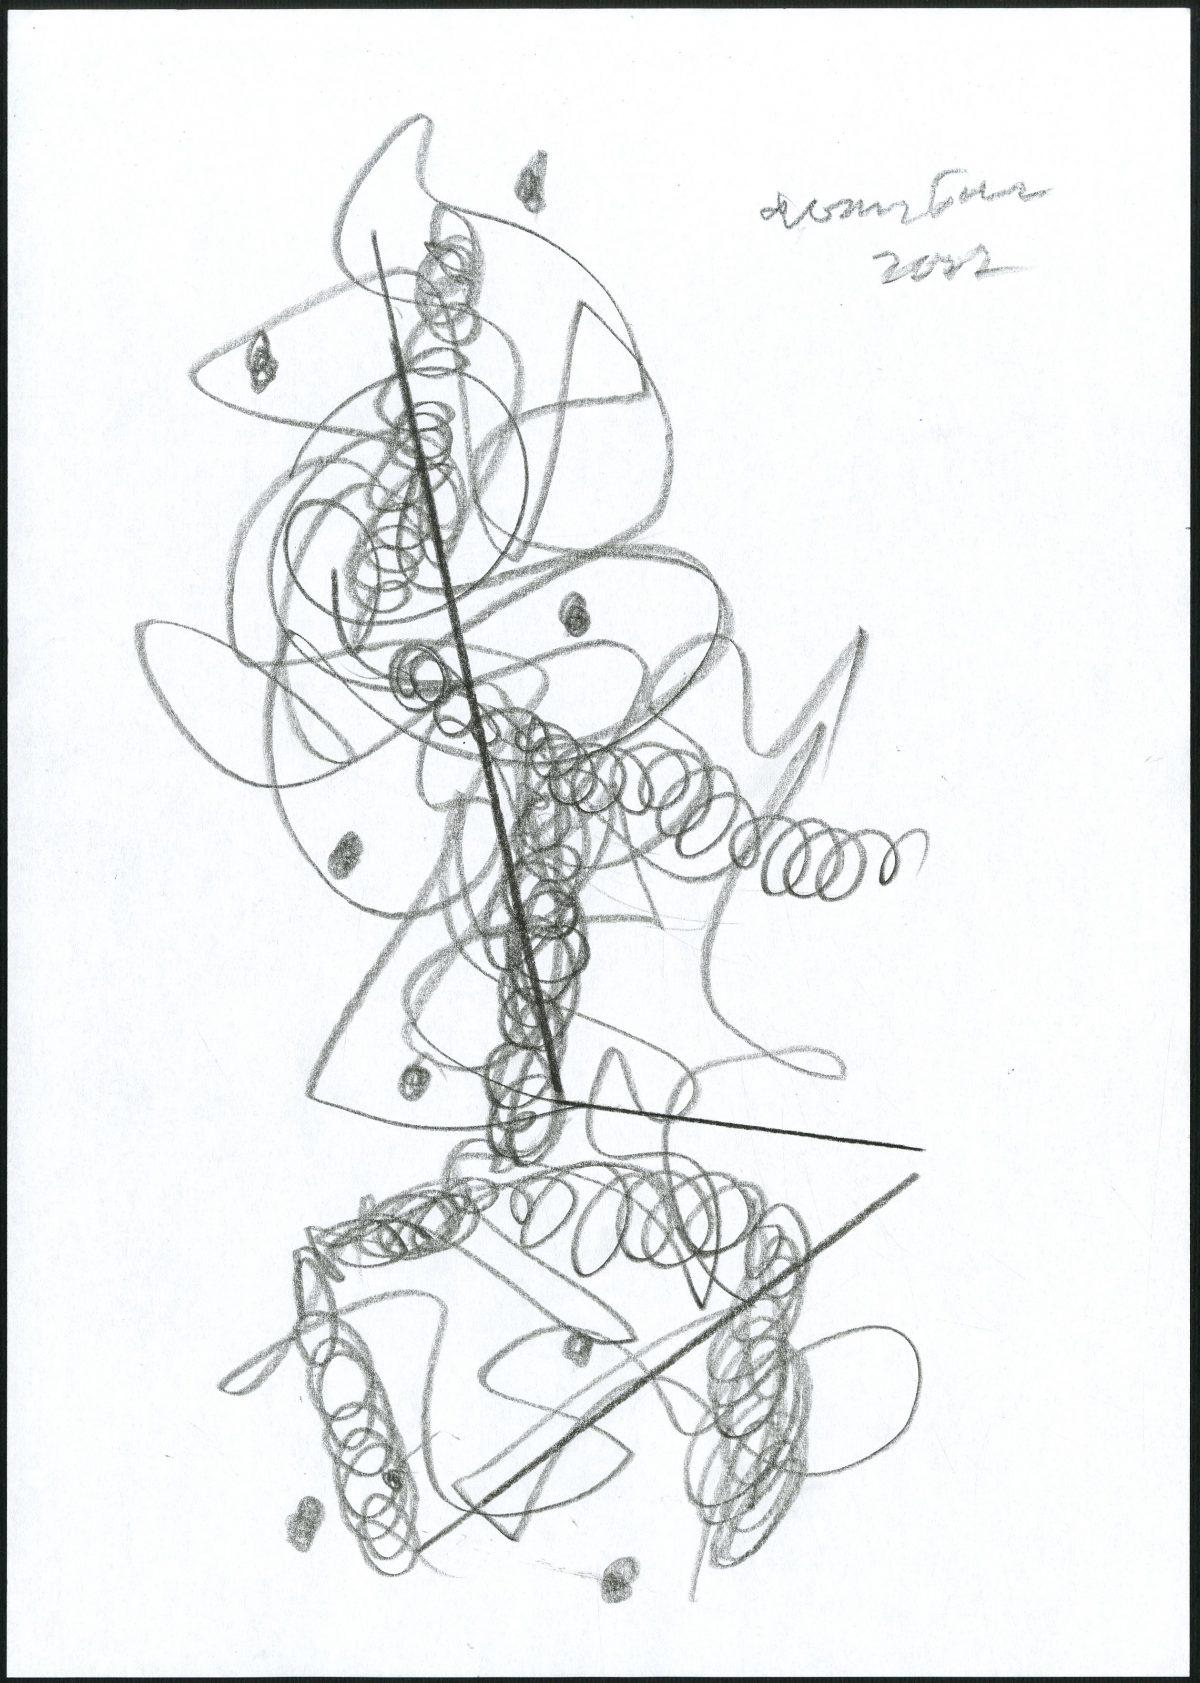 G24462(97)<br/> <b>Cím:</b> Csend. Csend <br/> <b>Méret cm:</b> 29,8X21 <br/> <b>Készült:</b> 2007. <br/> <b>Technika:</b> ceruza<br/>